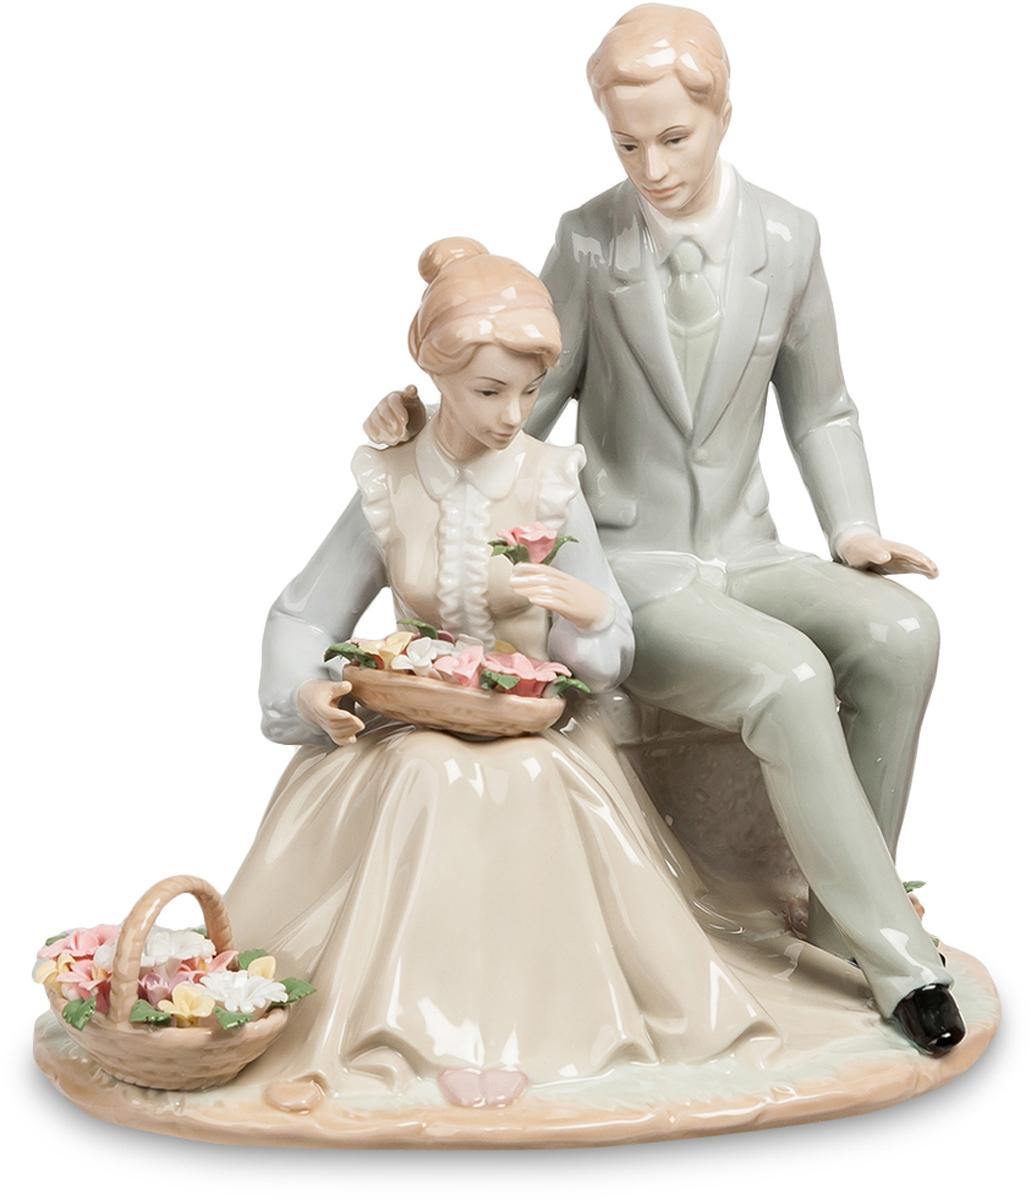 Статуэтка Pavone пара Цветы для Любимой. JP-15/46THN132NСтатуэтка Молодожёнов высотой 24 см.Любимые цветы моей любимой жены.Женщины очень любят знаки внимания, и расцветают, как бутоны прекрасных цветов, окруженные знаками внимания окружающих мужчин или одного-единственного, но любимого человека. Без эмоционального движения жизнь на этой планете напоминала бы ад; женщины знают об этом и с удовольствием поощряют кавалеров на маленькие, но приятные подарки. Статуэтка Цветы для любимой, сделанная их фарфора и раскрашенная красками пастельных тонов, изображает молодую пару – мужчину и возлюбленную, которой он только что преподнес две большие корзинки ароматных роз.Пара выглядит вполне современно: судя по костюмам, молодые люди любили друг друга в середине прошлого века. На мужчине строгий элегантный костюм, на девушке – длинное бежевое платье с белыми оборками и голубая блузка. У молодых людей приятные, спокойные лица и красивые прически. Композиция расположилась на круглой тонкой подставке, а влюбленная пара – на сером бордюрном камне.Фигурку Цветы для любимой можно подарить влюбленной паре, преподнести в качестве свадебного подарка, а также подарить друзьям, отмечающим годовщину отношений или бракосочетания.